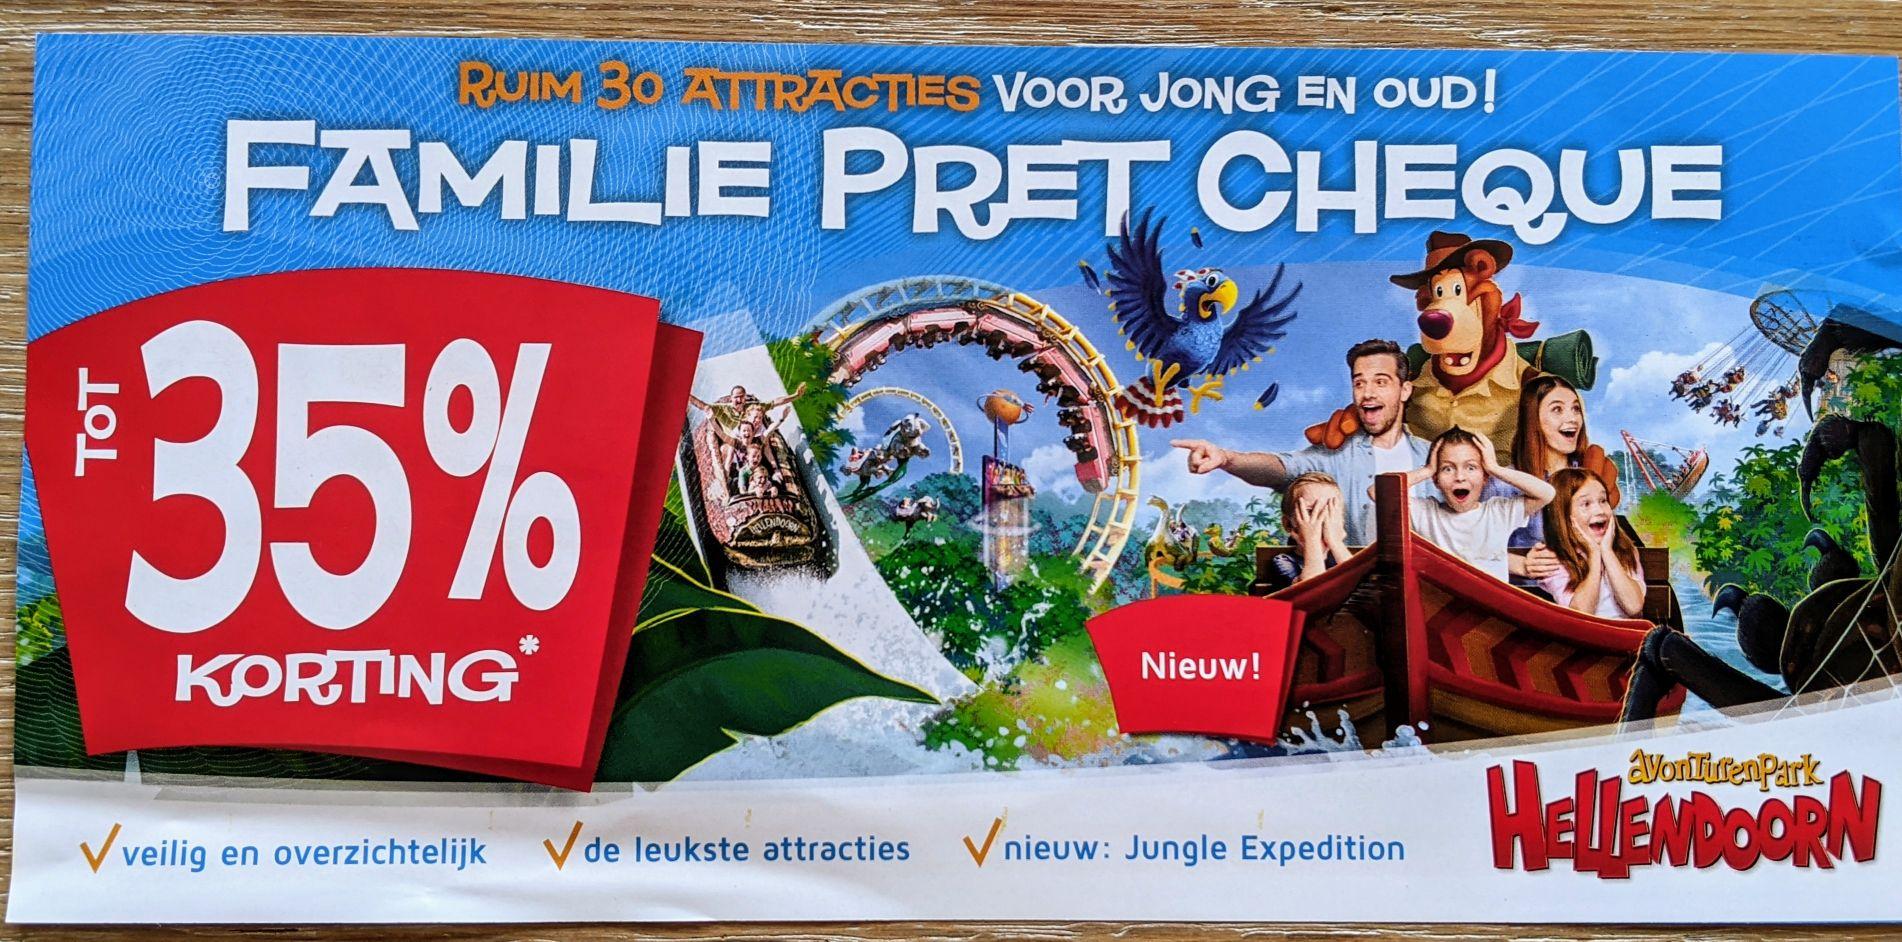 Tot 35% korting op een combinatie deal Patat en entree 22,95 p.p Avonturenpark Hellendoorn